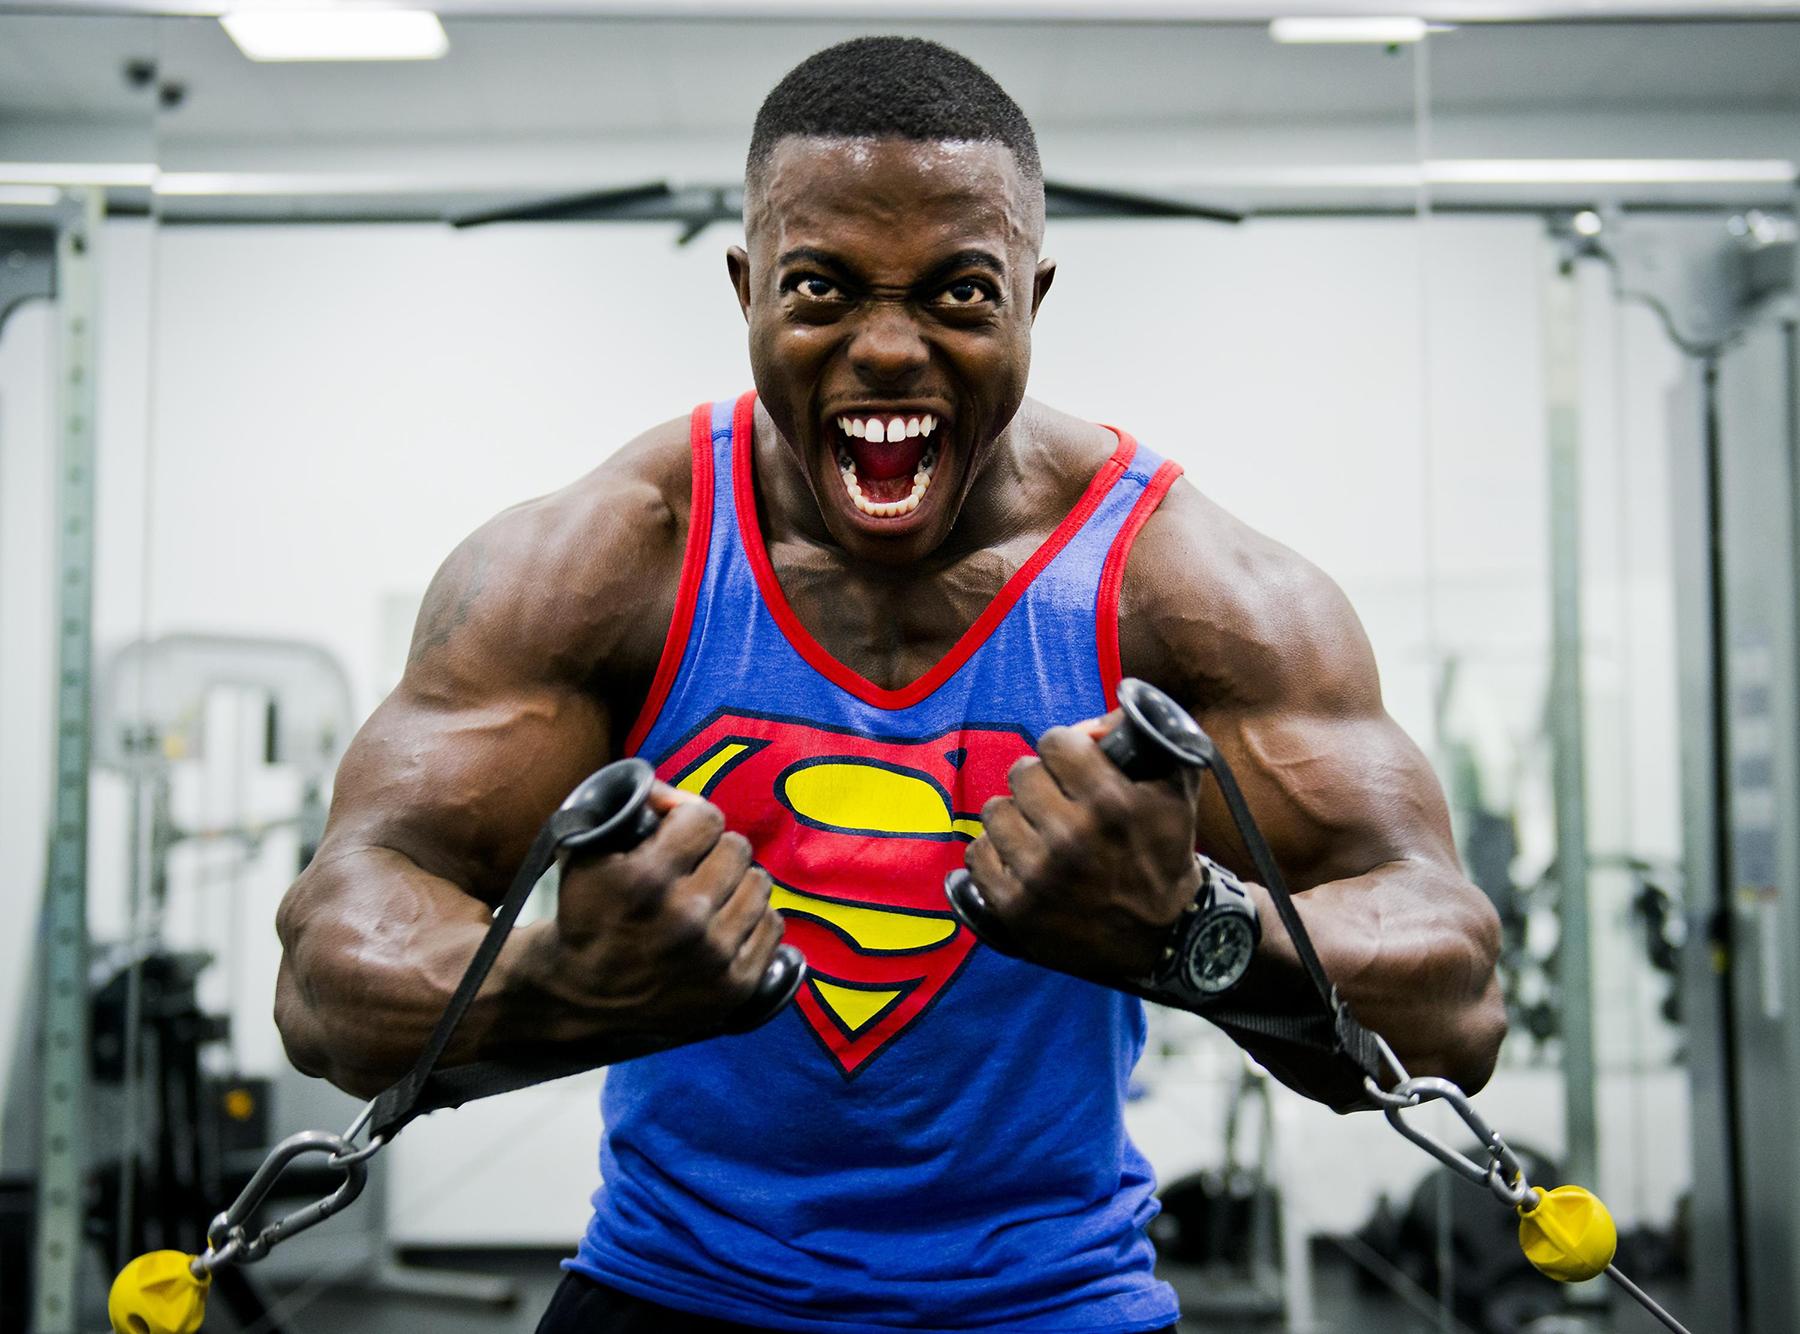 Jak podkreślić mięśnie i nie przesadzić?